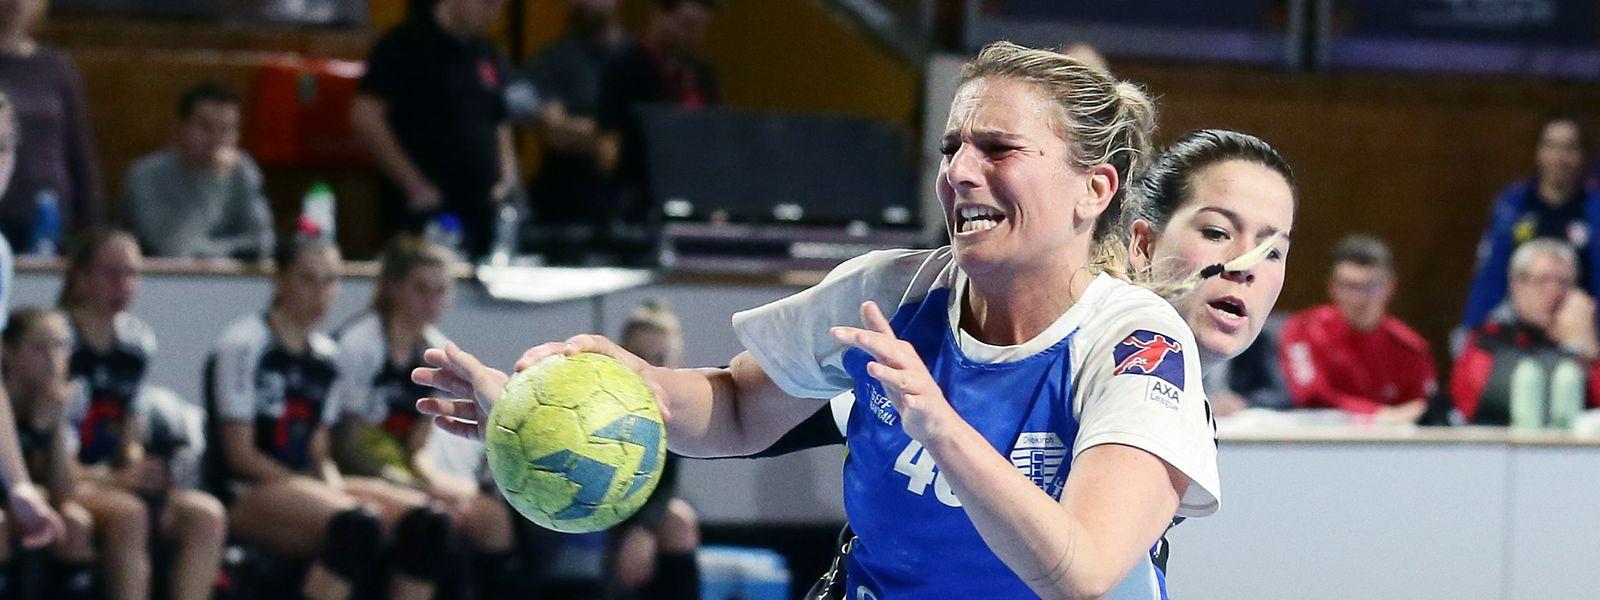 Anne Steuer und Diekirch haben sich im Halbfinalspiel gegen Esch klar mit 29:6 durchgesetzt und stehen am Sonntag im Finale gegen Düdelingen.